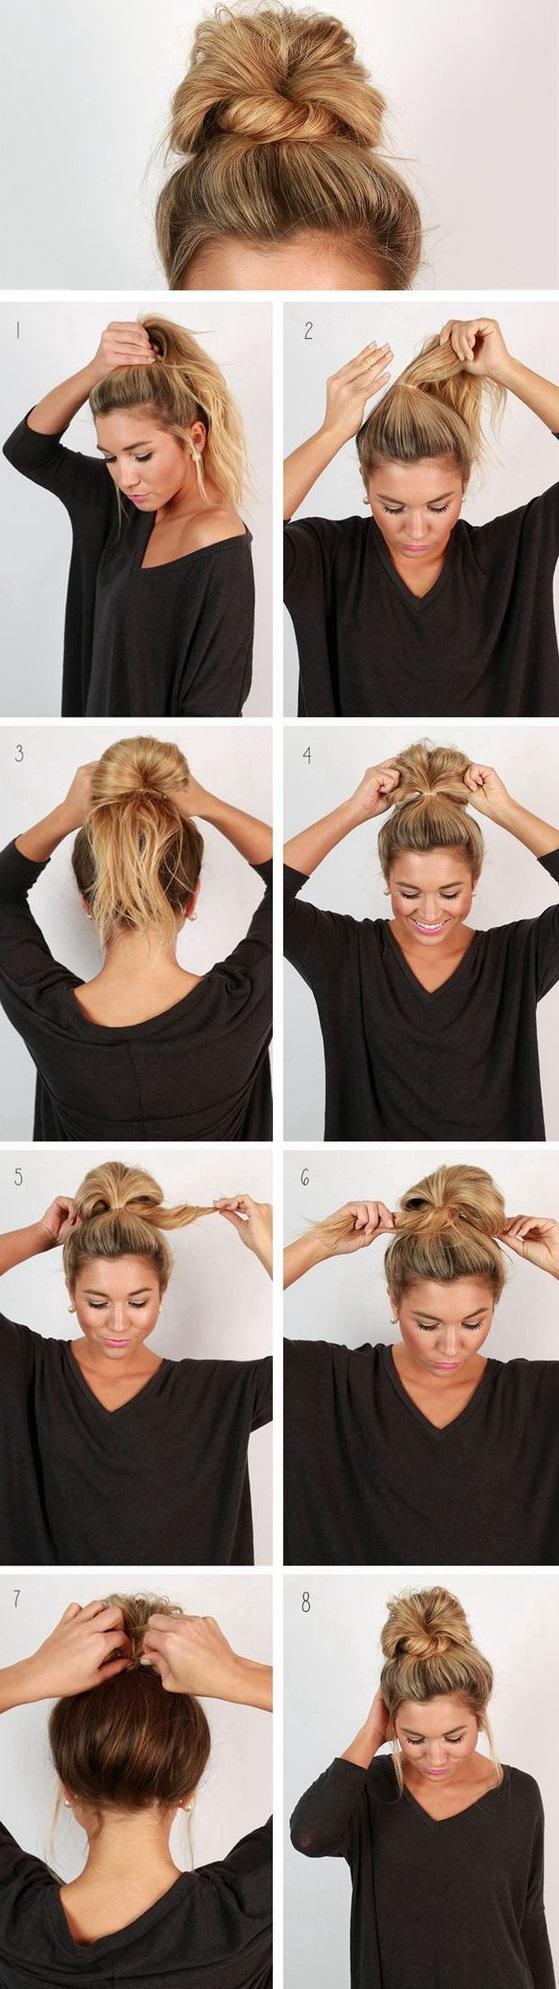 7款髮型編制法,讓你擁有女神的氣質! articlelike